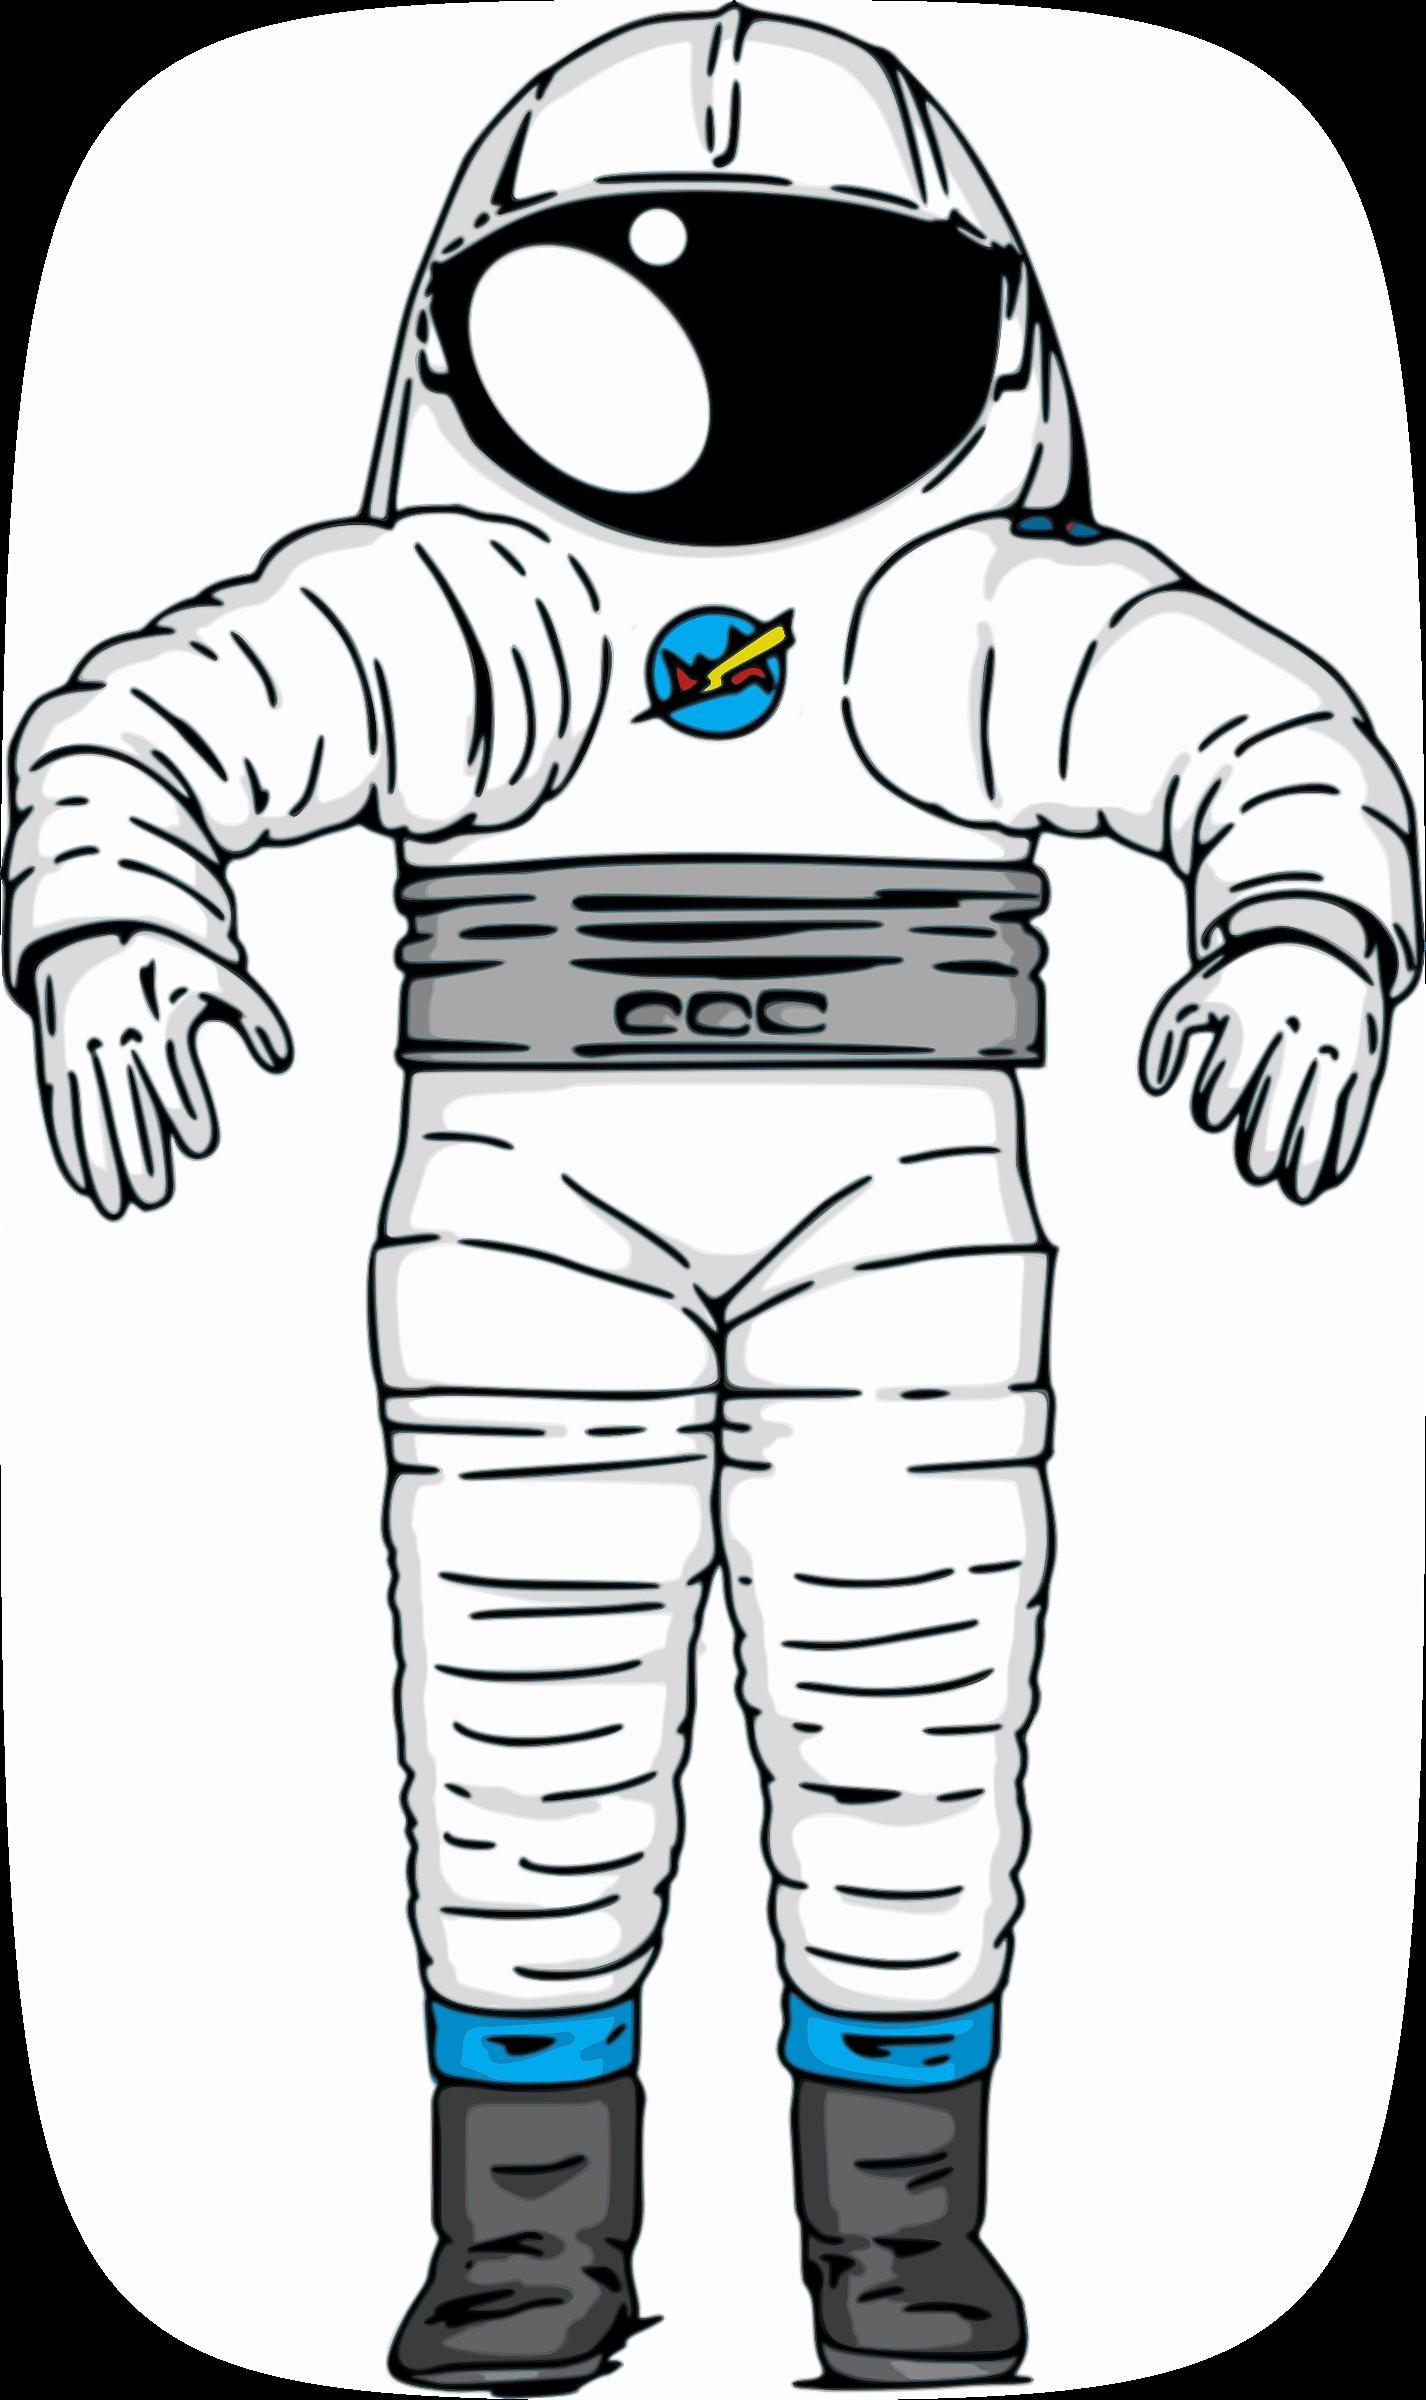 NASA clipart #20, Download drawings